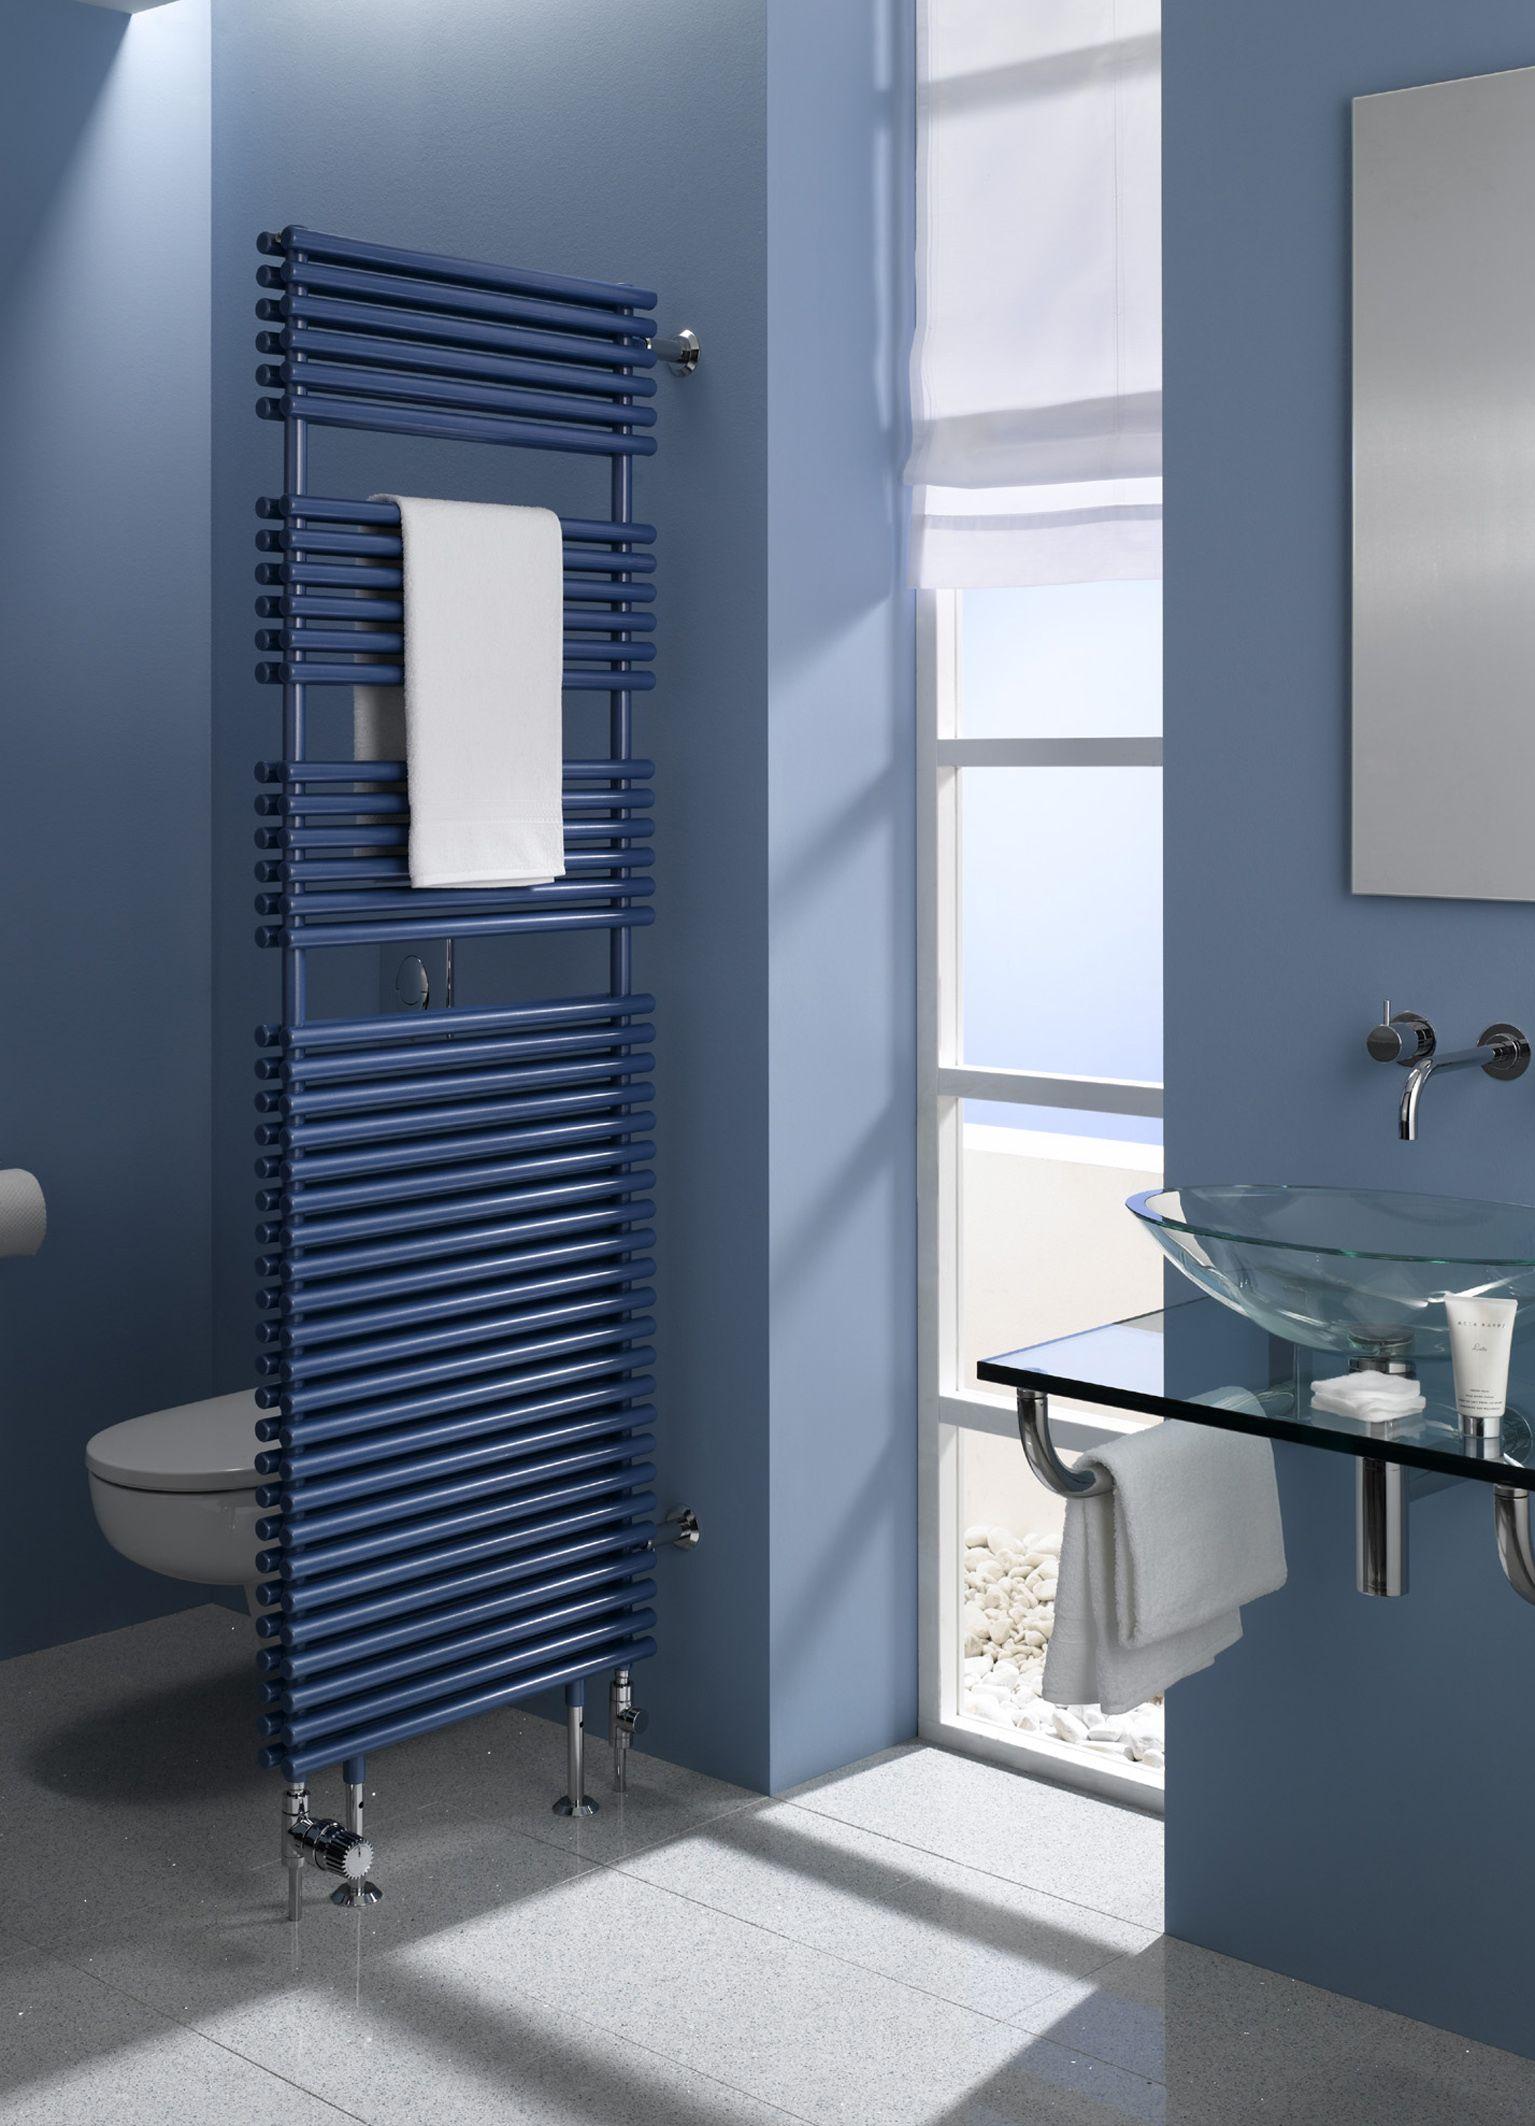 bad w nde blau rauchblau bodenfliesen grau waschtisch glas aufsatzwaschbecken glas. Black Bedroom Furniture Sets. Home Design Ideas